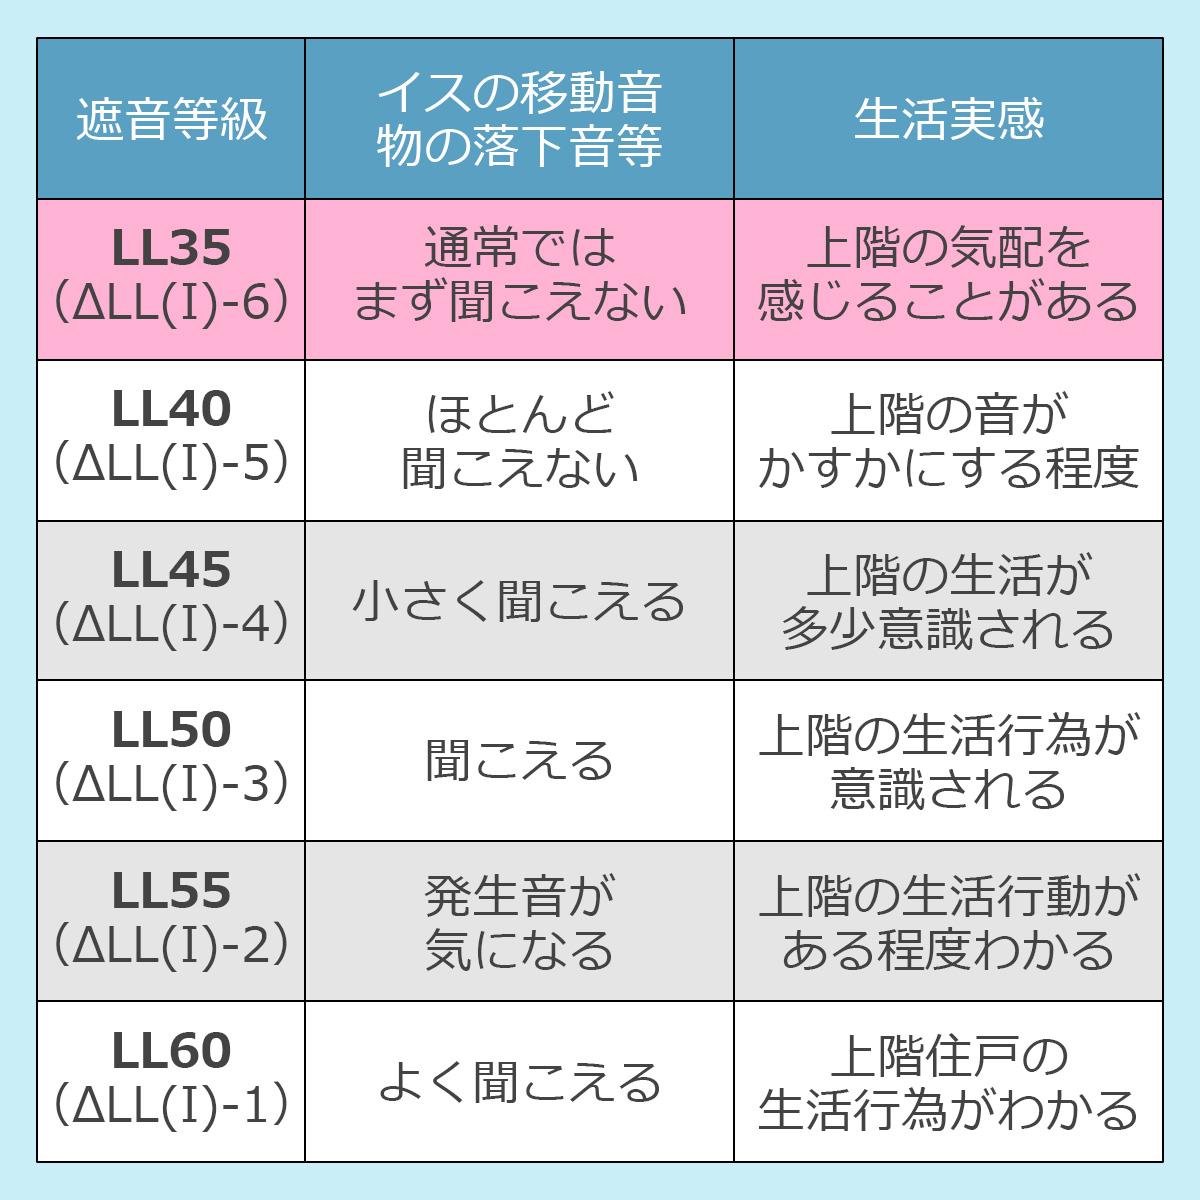 遮音等級とその効果 LL35(デルタLL(I)6)